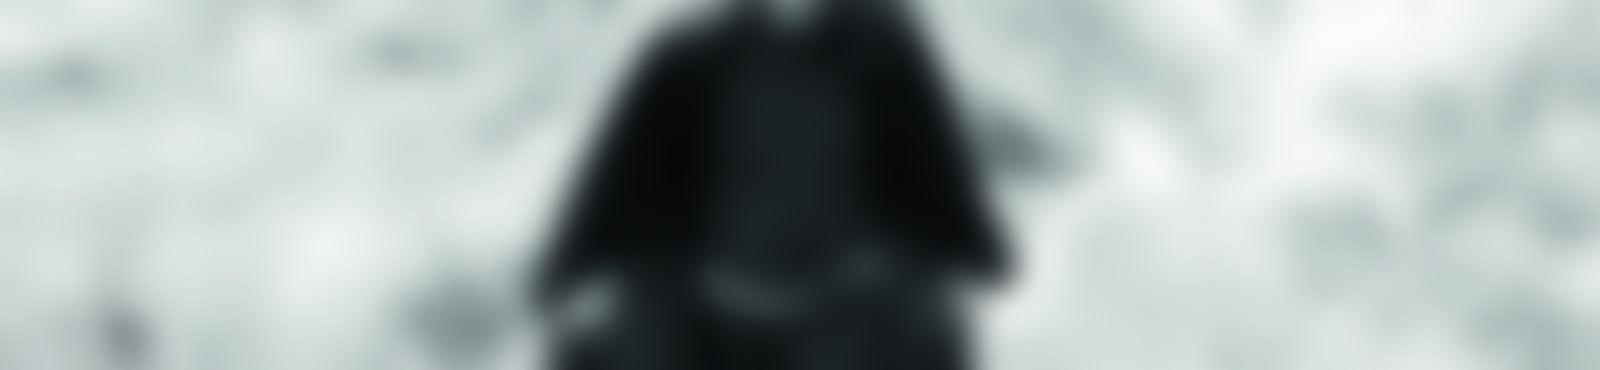 Blurred 1a2d992b 5279 422c a7f1 b6cb0cae1161